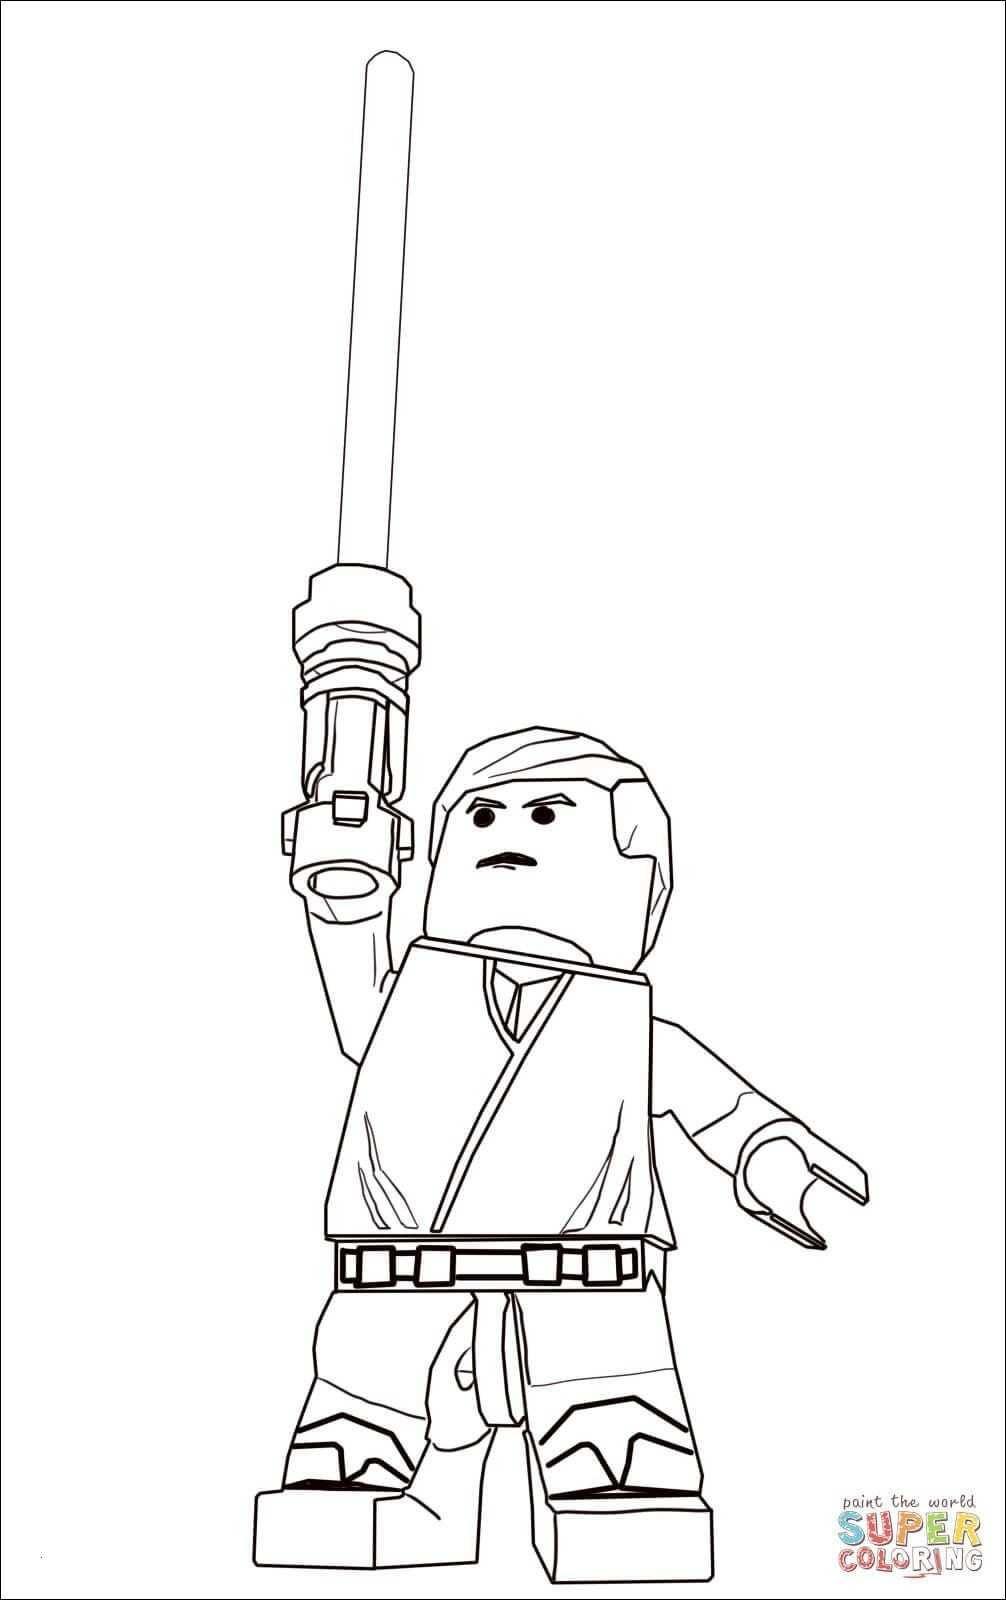 Ausmalbilder Star Wars Lego Einzigartig Ausmalbilder Star Wars Lego Ideen 37 Star Wars Ausmalbilder Lego Sammlung